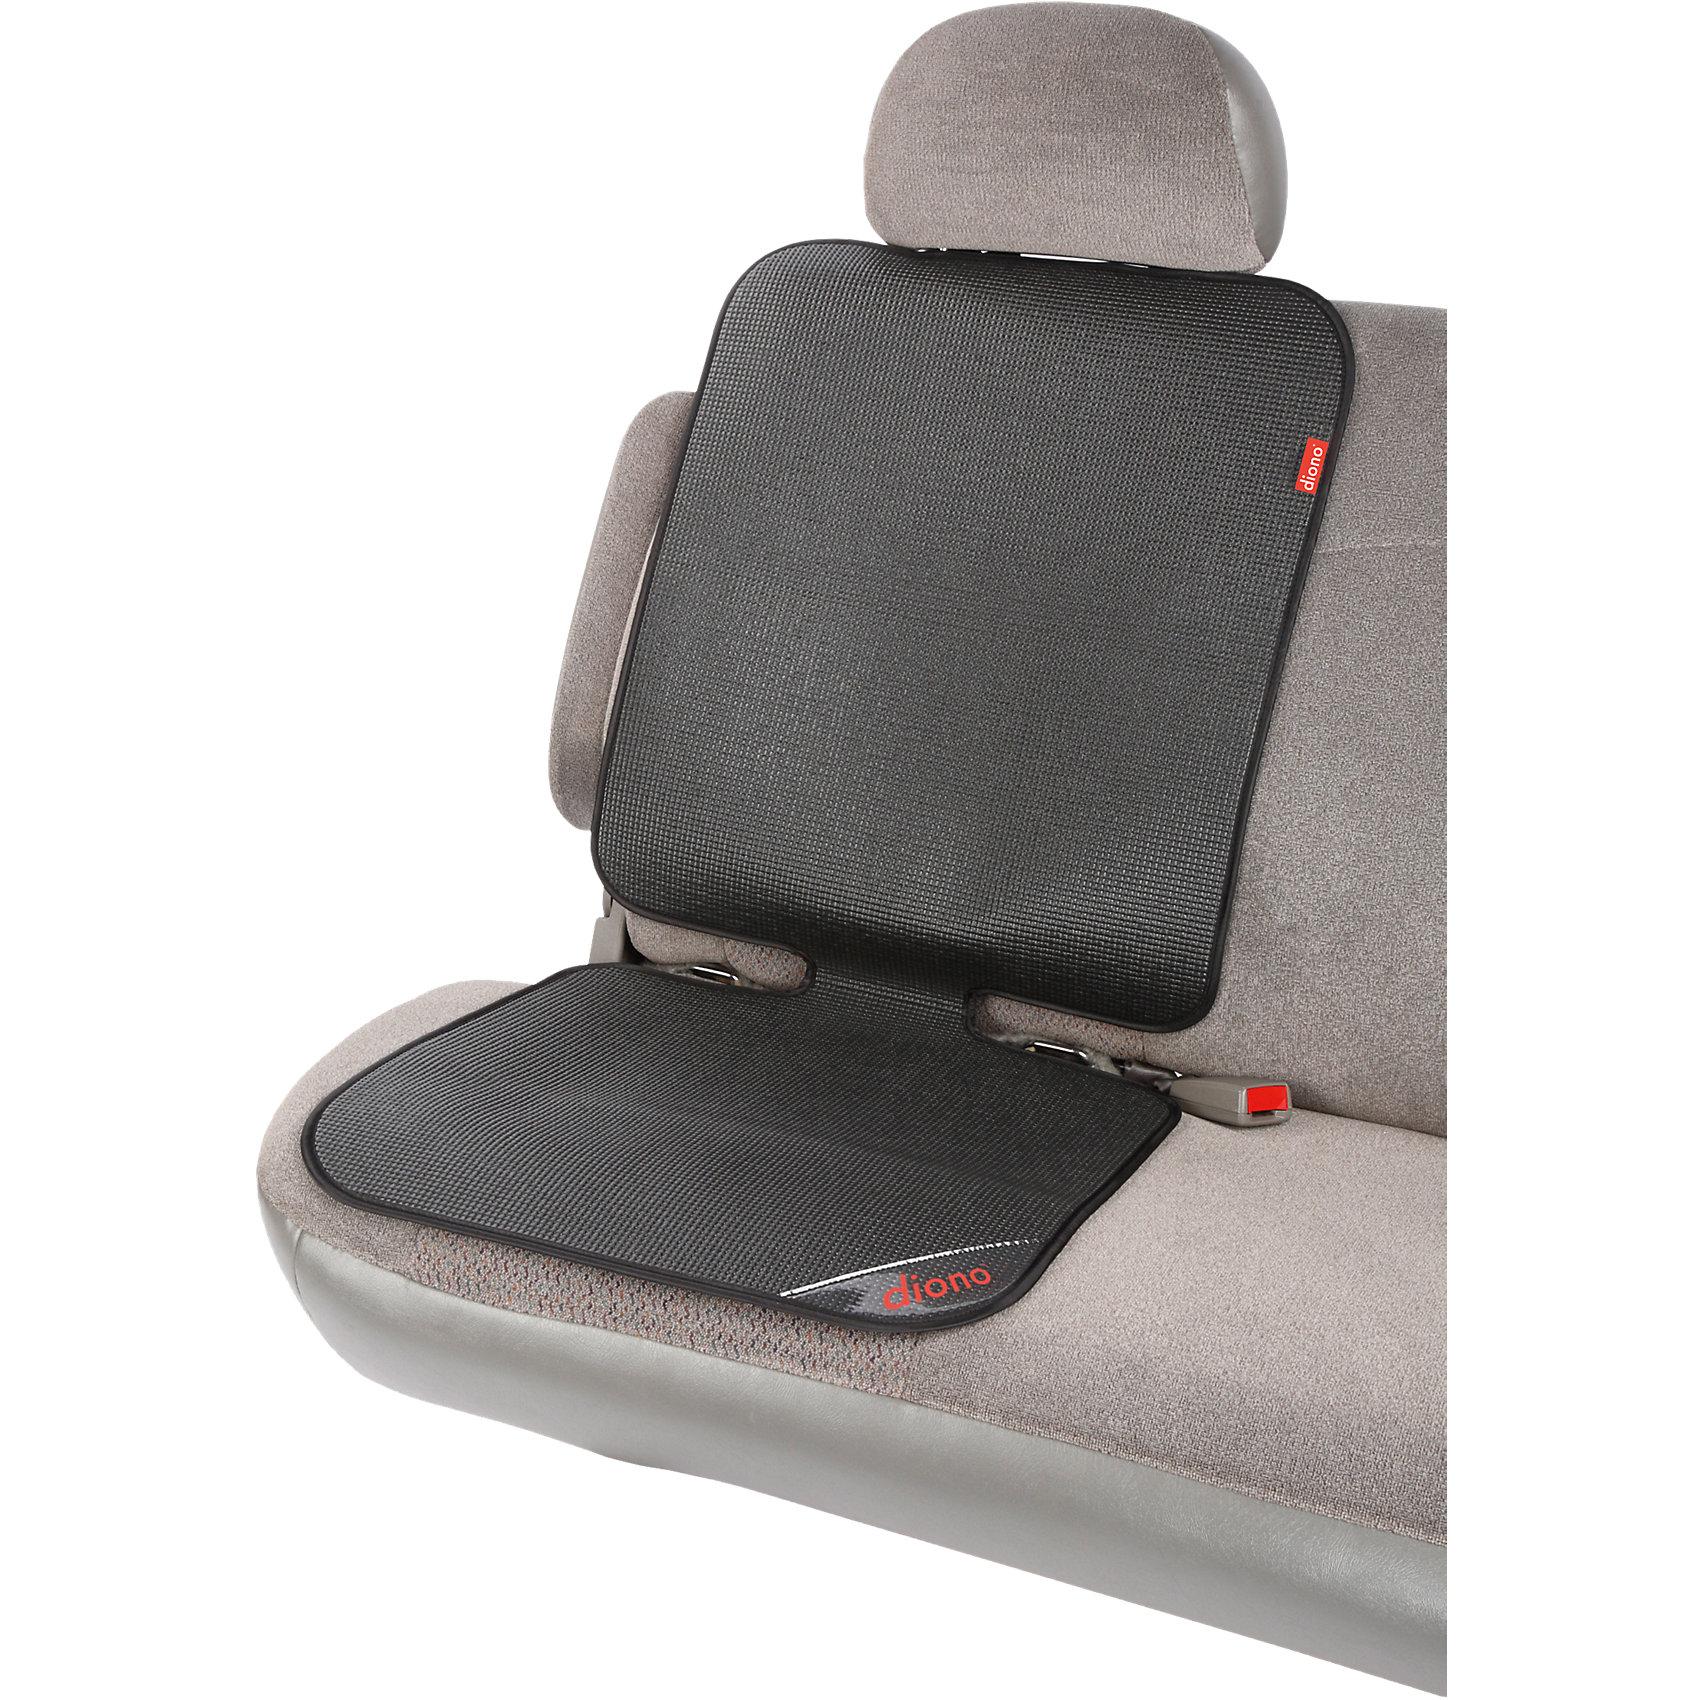 Чехол для автомобильного сидения  Grip It , Diono, BlackАксессуары<br>Чехол для автомобильного сидения  Grip It , Diono, Black создан для защиты сидения от возможных загрязнений. Он водонепроницаем, что не позволит намокнуть сидению, если ребёнок что-то прольет. Его легко зафиксировать к подголовнику. Можно закрепить на чехол автокресло, что обеспечит более надёжную фиксацию. Чехол складывается для удобного хранения.<br><br>Дополнительная информация:<br>-Марка: Diono<br><br>Чехол для автомобильного сидения  Grip It , Diono, Black можно приобрести в нашем интернет-магазине.<br><br>Ширина мм: 313<br>Глубина мм: 261<br>Высота мм: 63<br>Вес г: 697<br>Цвет: черный<br>Возраст от месяцев: 0<br>Возраст до месяцев: 144<br>Пол: Унисекс<br>Возраст: Детский<br>SKU: 5089865